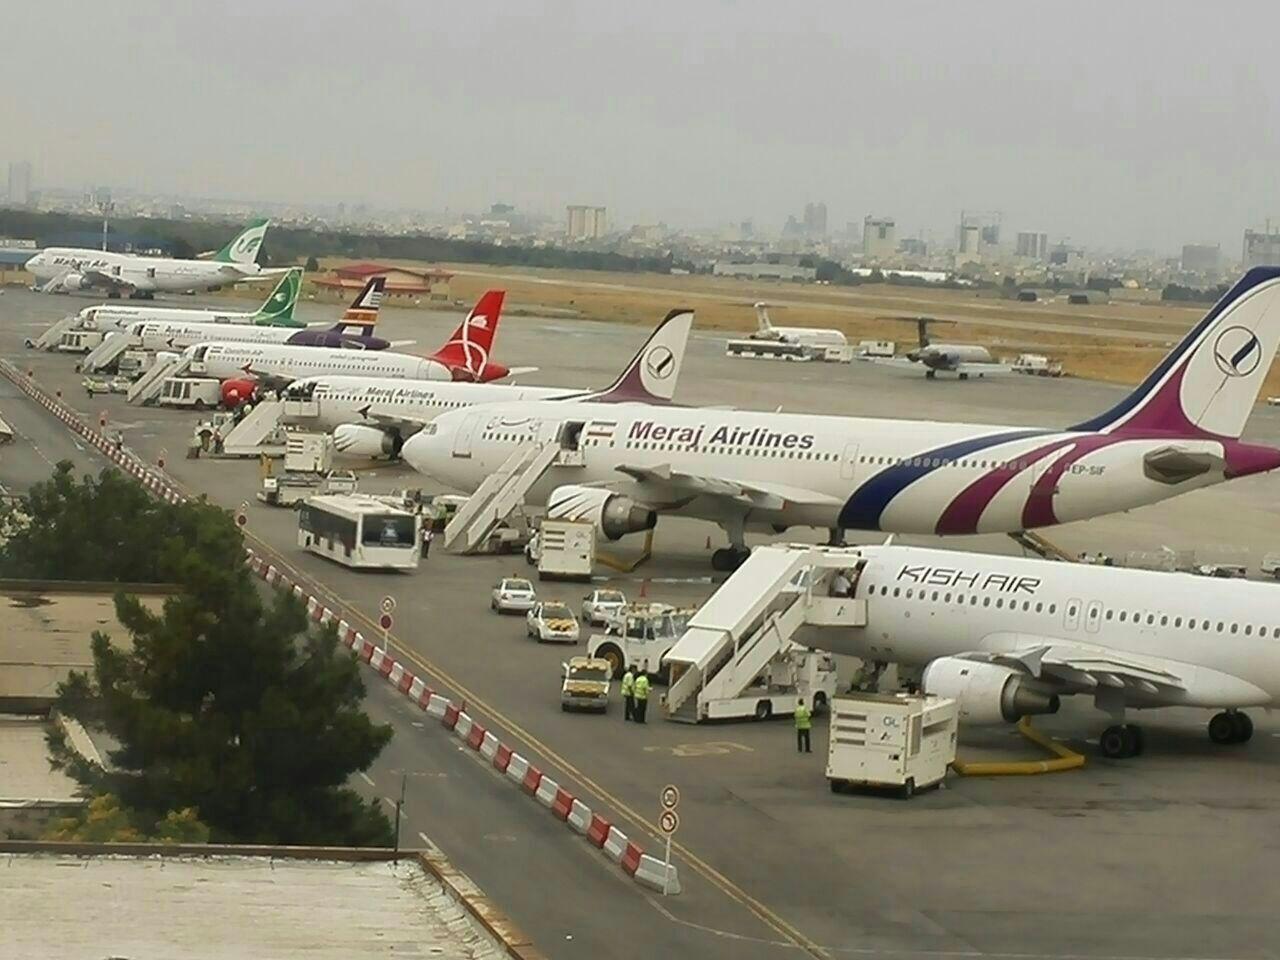 افزایش ۱۴ درصدی پذیرش مسافر فرودگاه مشهد در ۳ ماه نخست سال